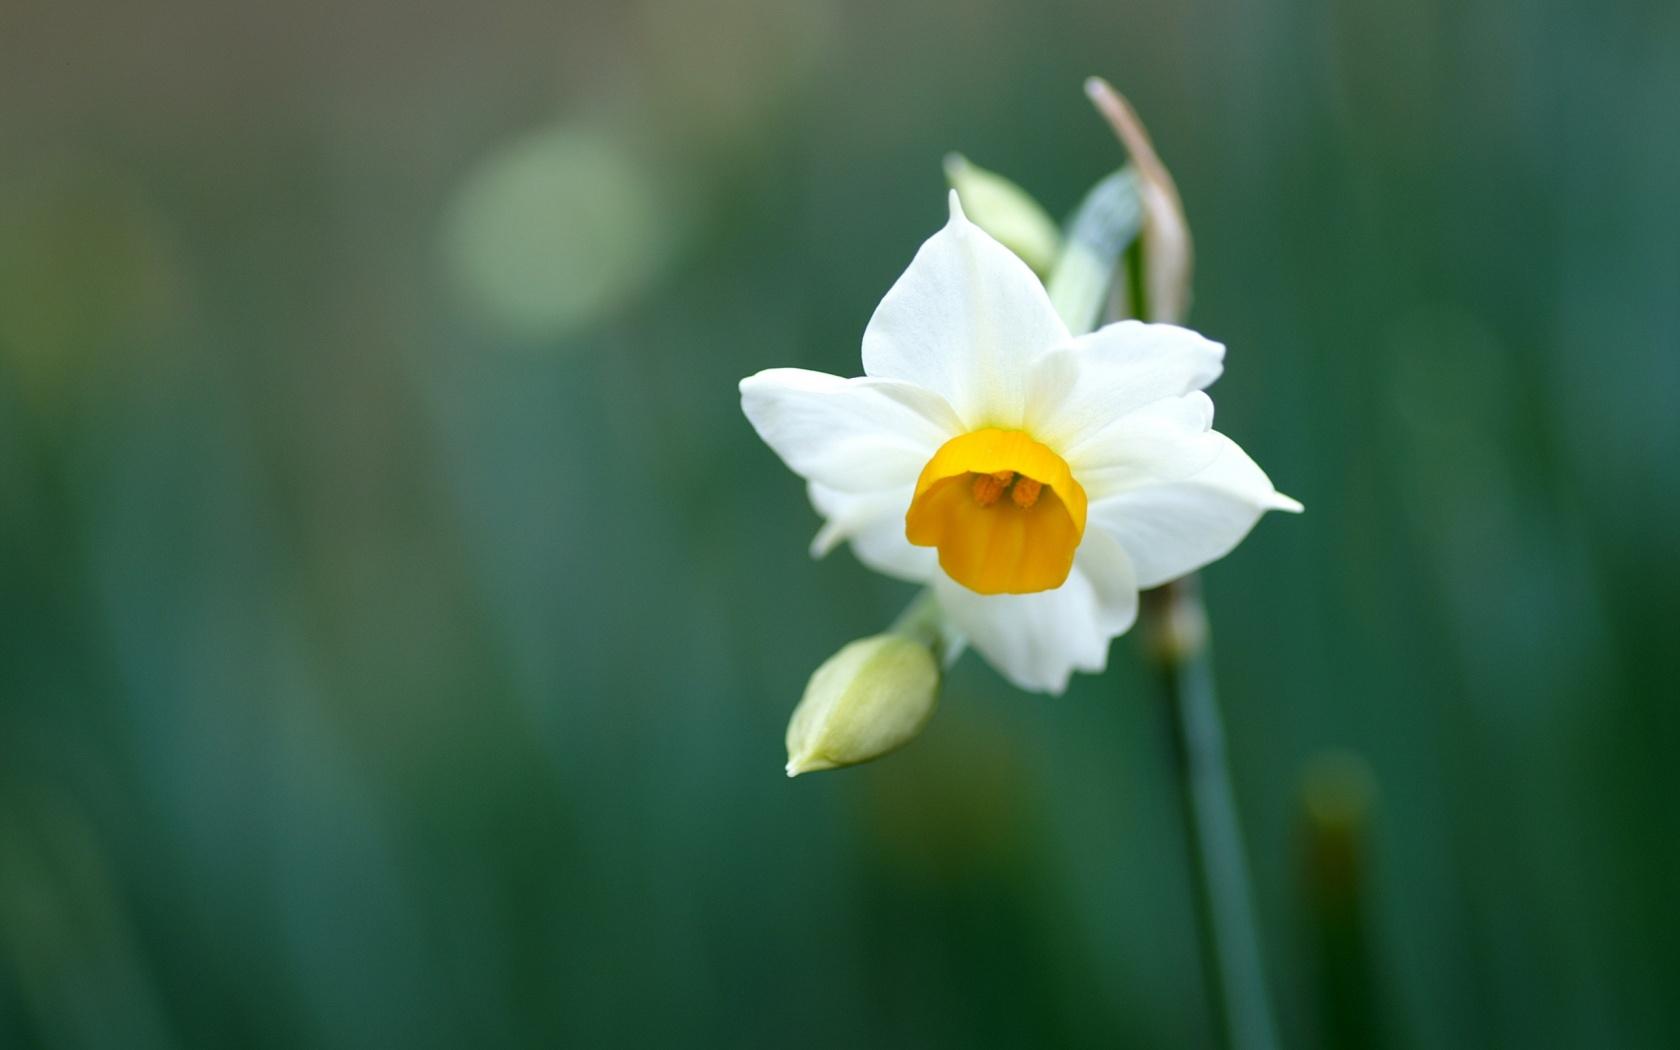 pretty daffodil wallpaper 45405 1680x1050px